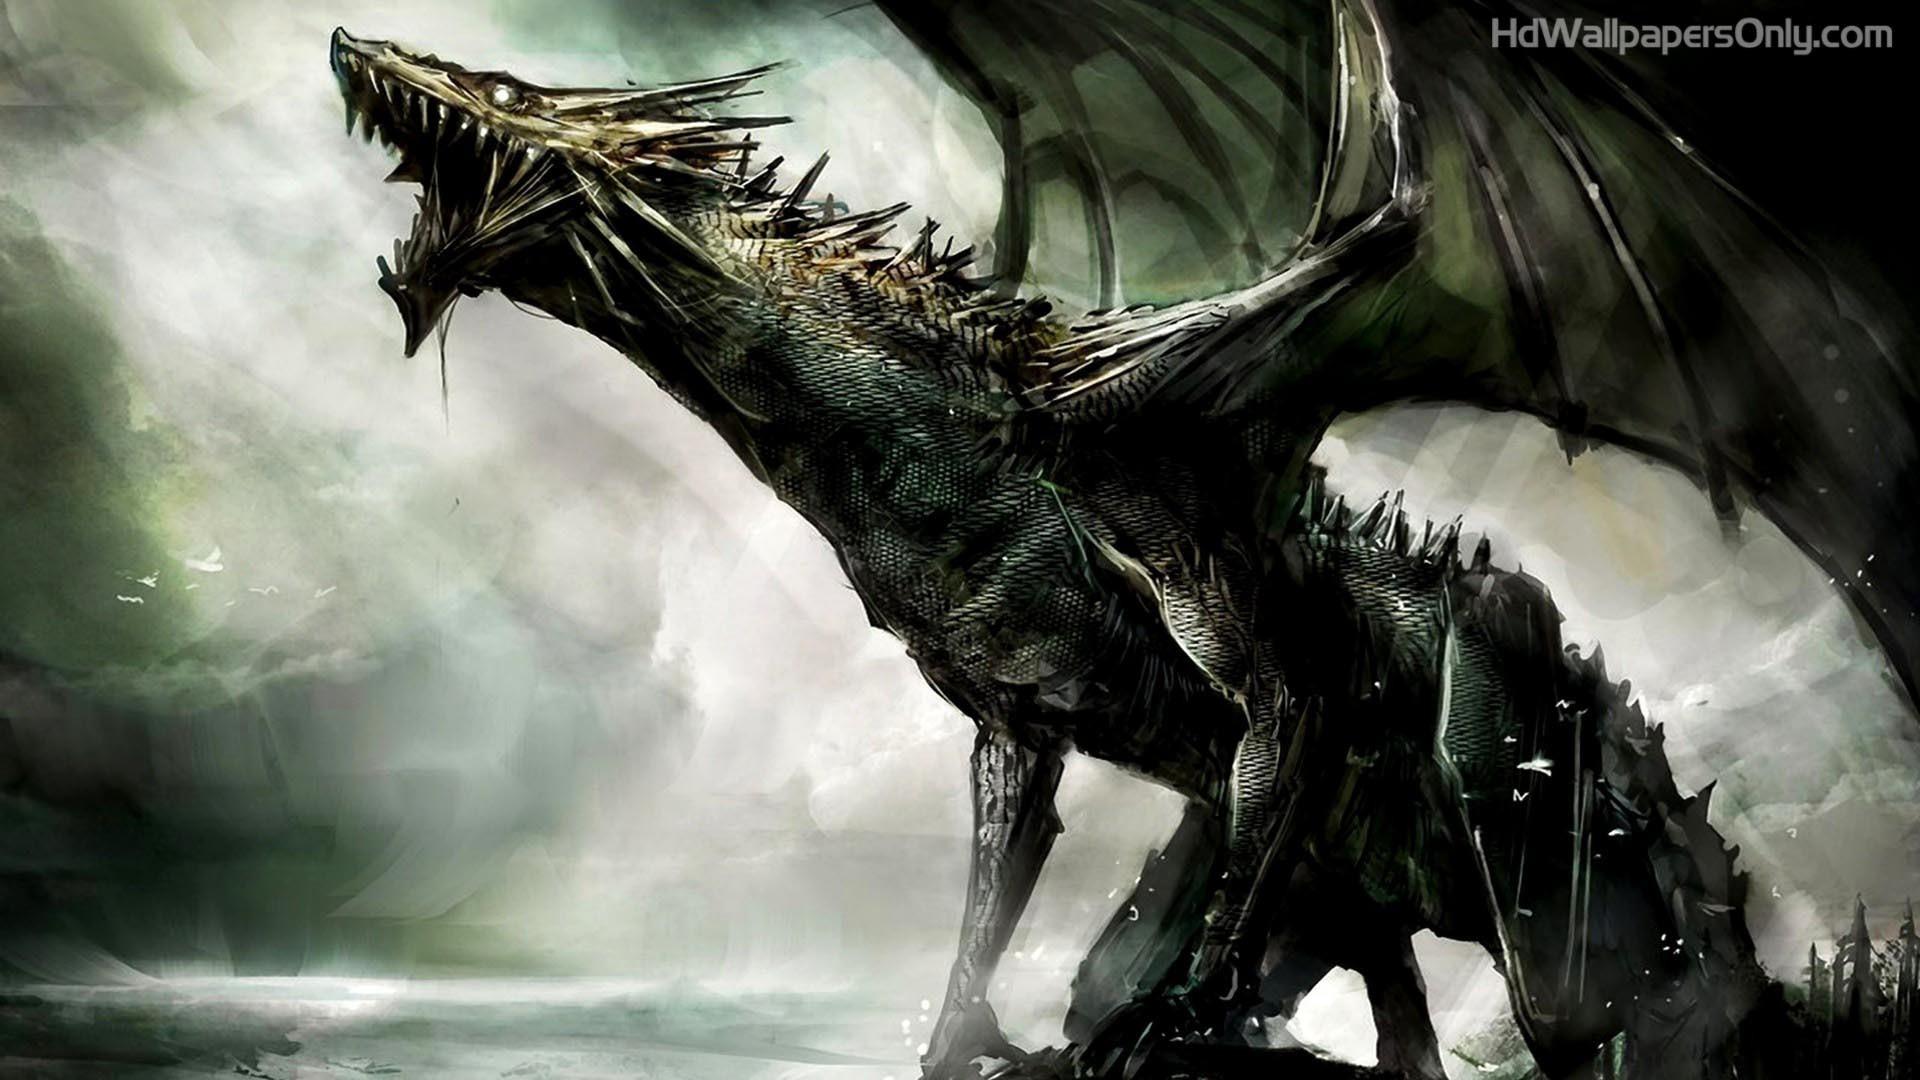 1920x1080 Black Dragon HD Wallpaper